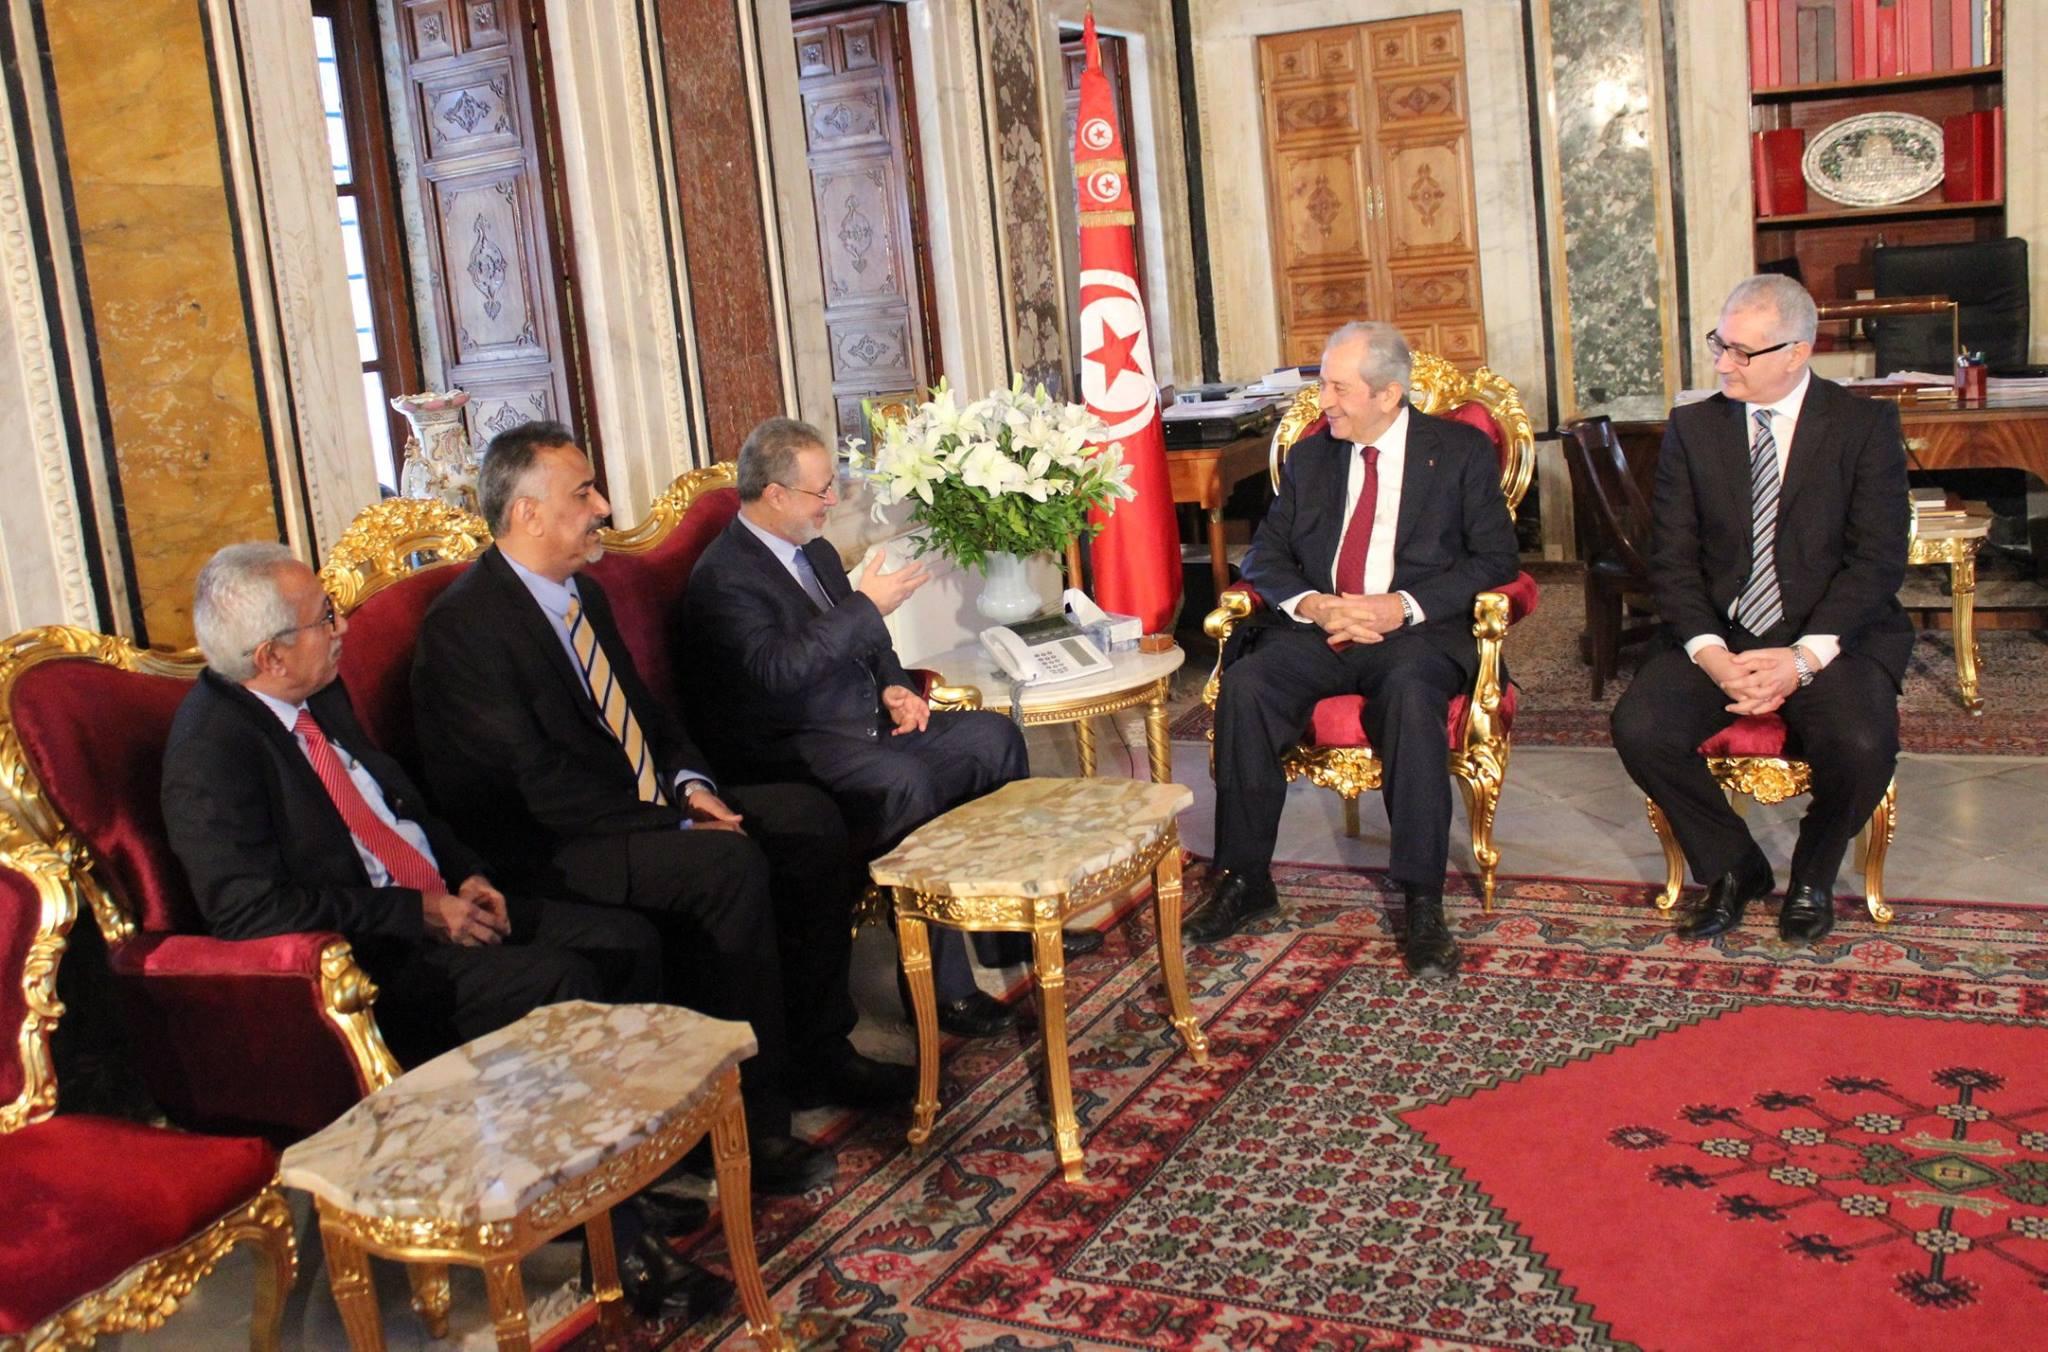 خلال لقائه بوزير خارجية اليمن: محمد الناصر يؤكد على أهمية الوفاق لحل الأزمة اليمنية